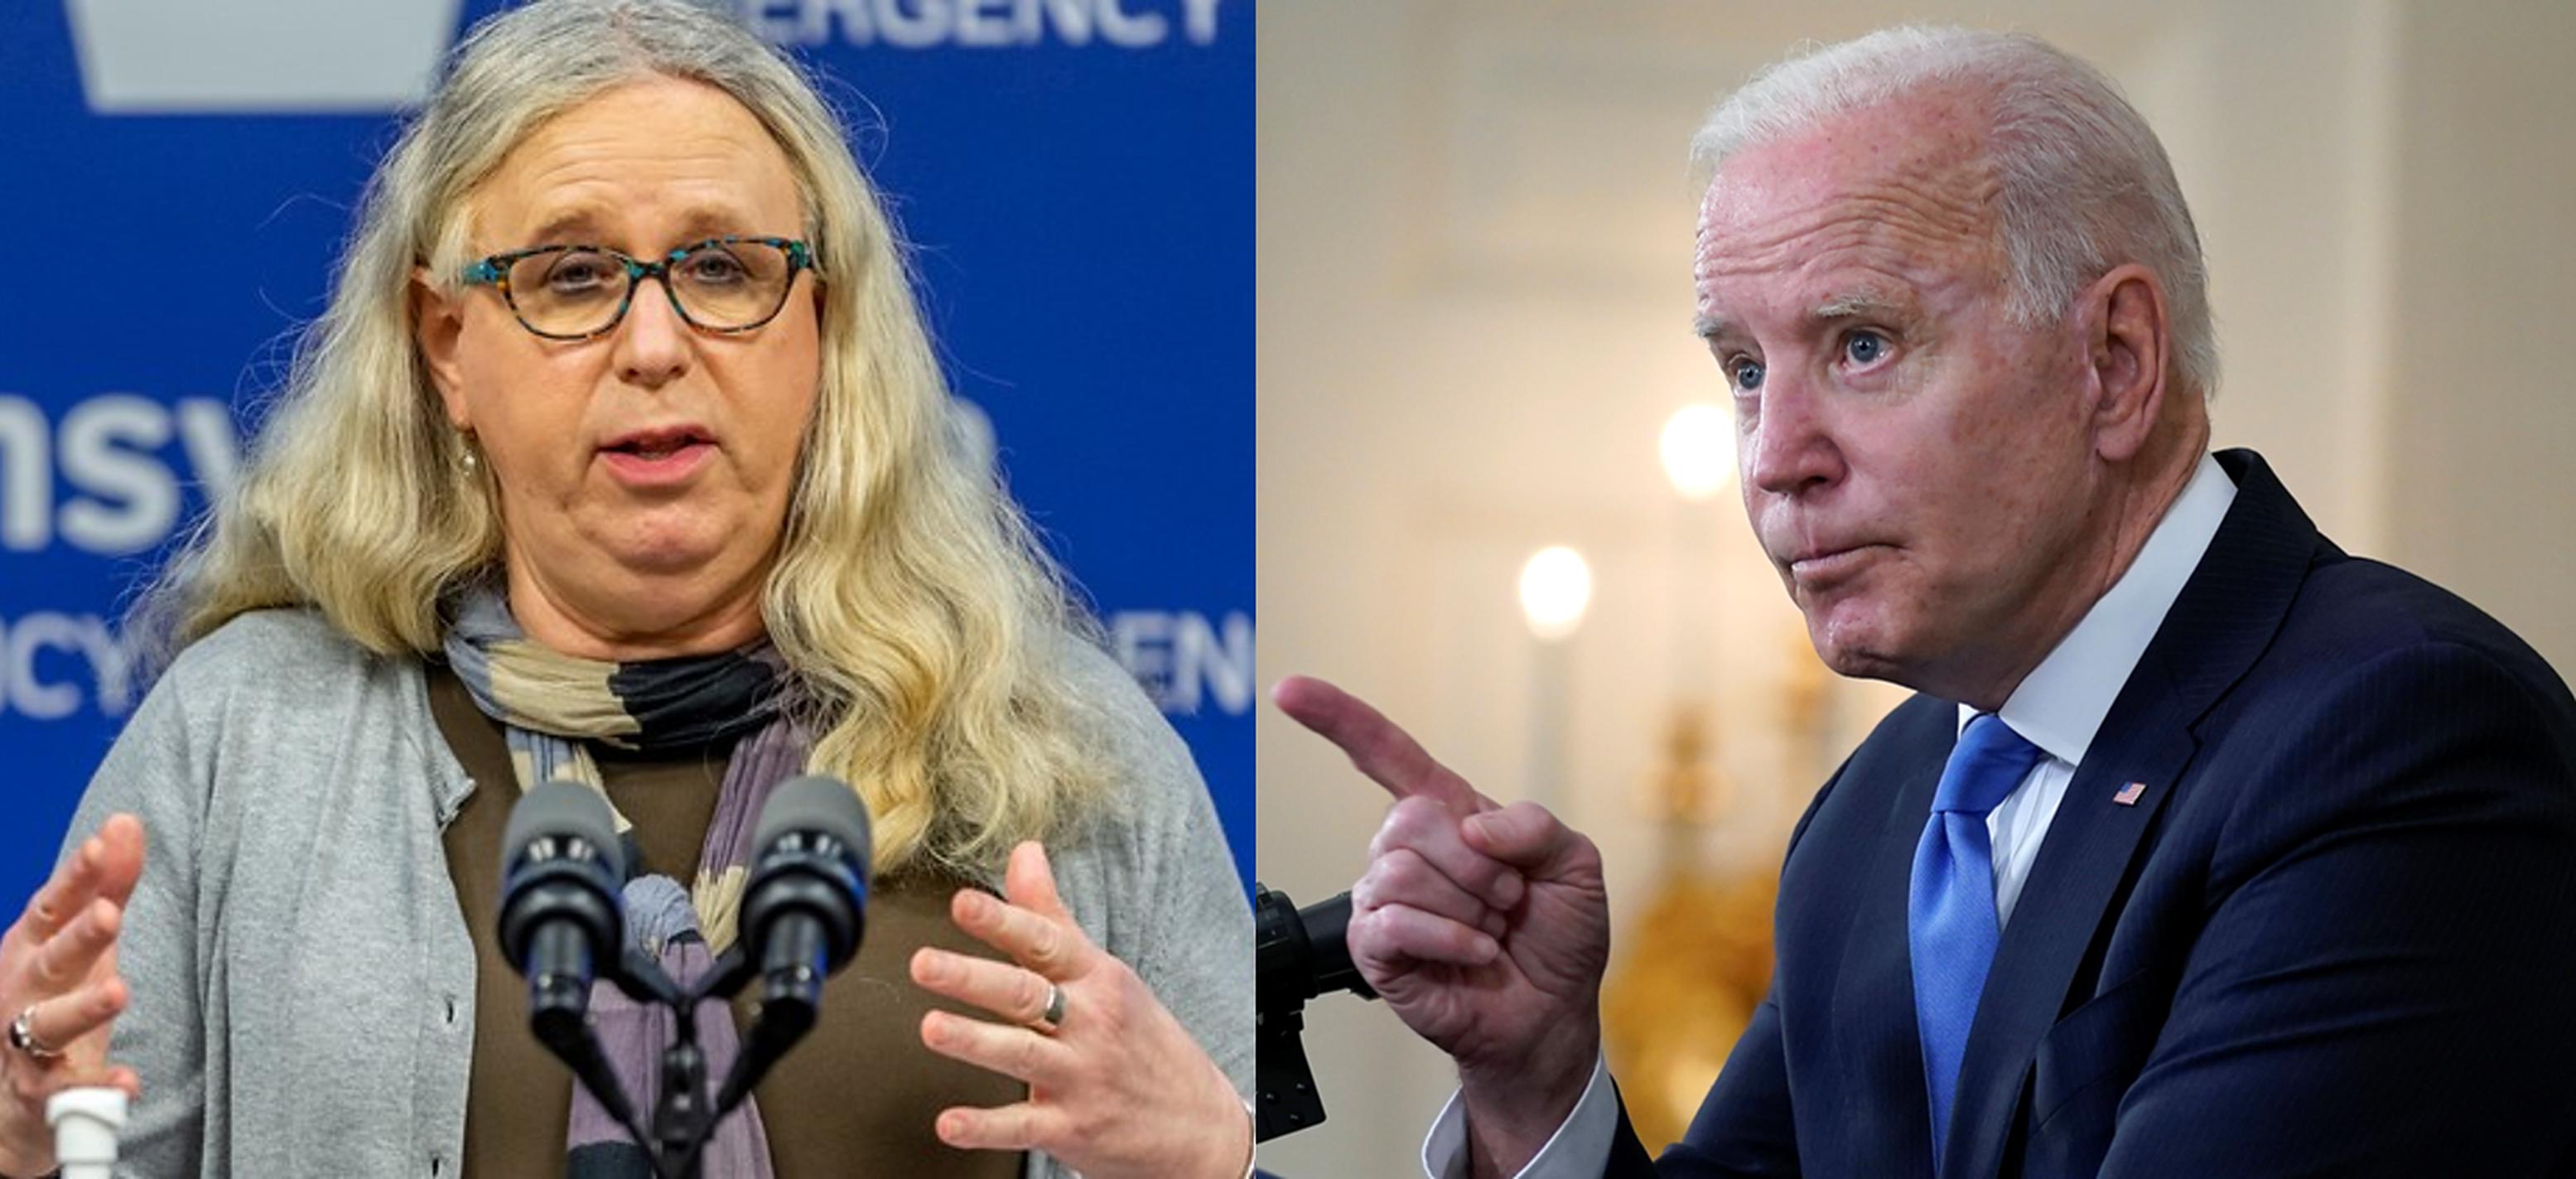 Joe Biden anulează decizia lui Trump și forțează spitalele să ofere proceduri de schimbare de sex